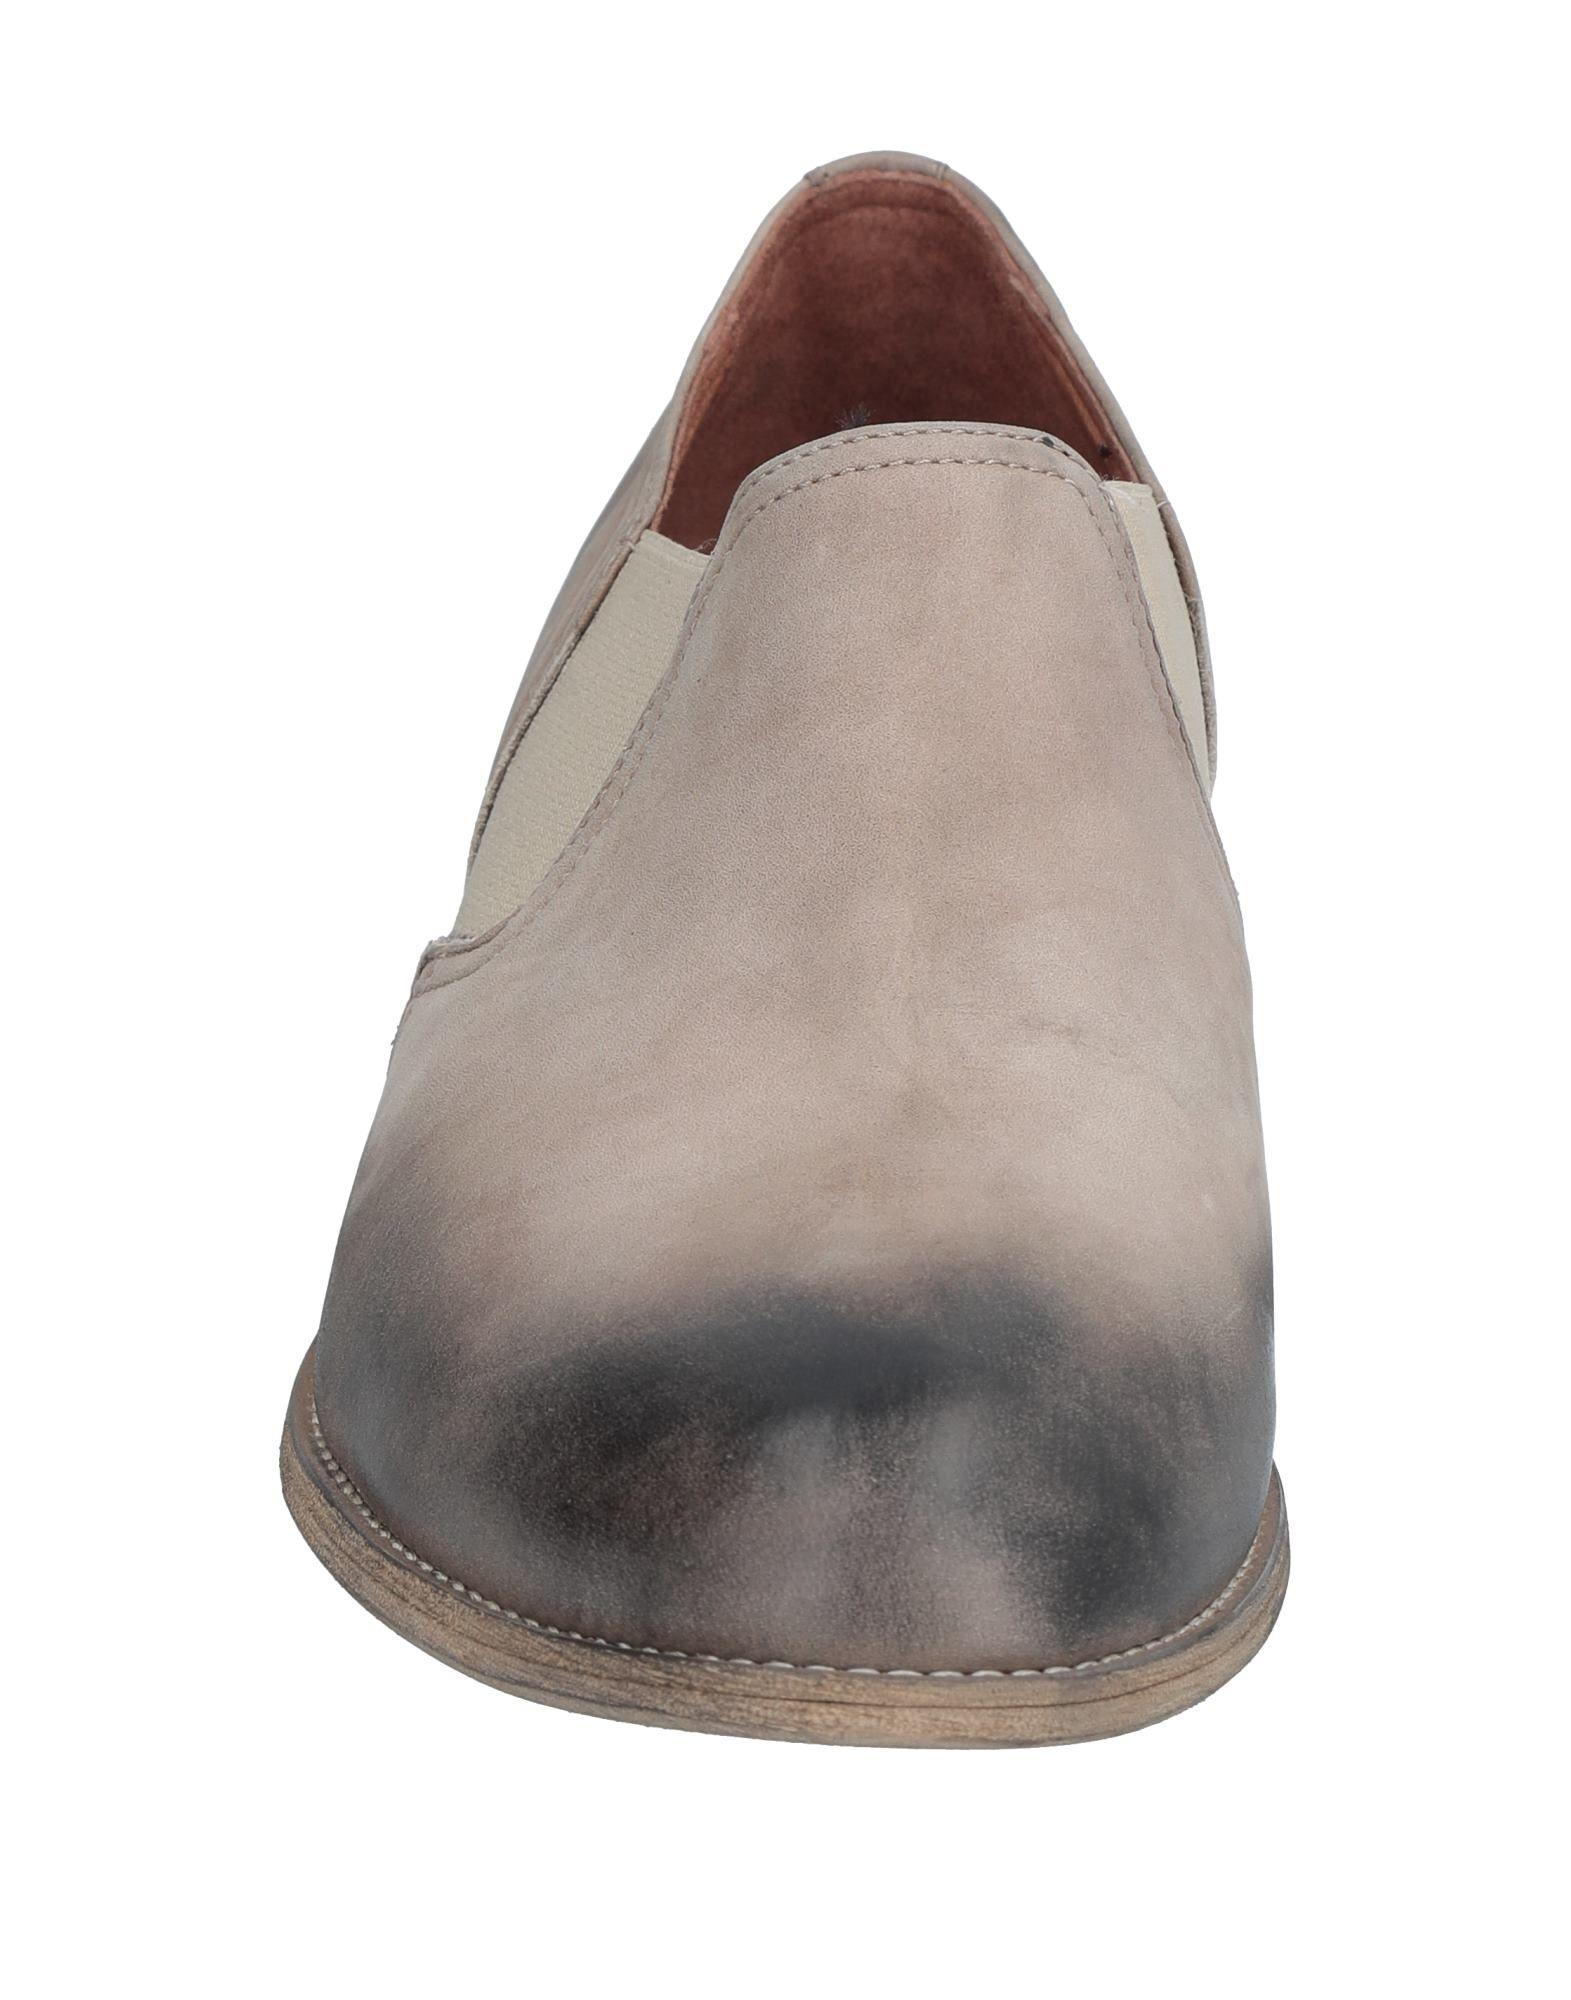 Rabatt echte Herren Schuhe Officina 36 Mokassins Herren echte  11540268PK 979747